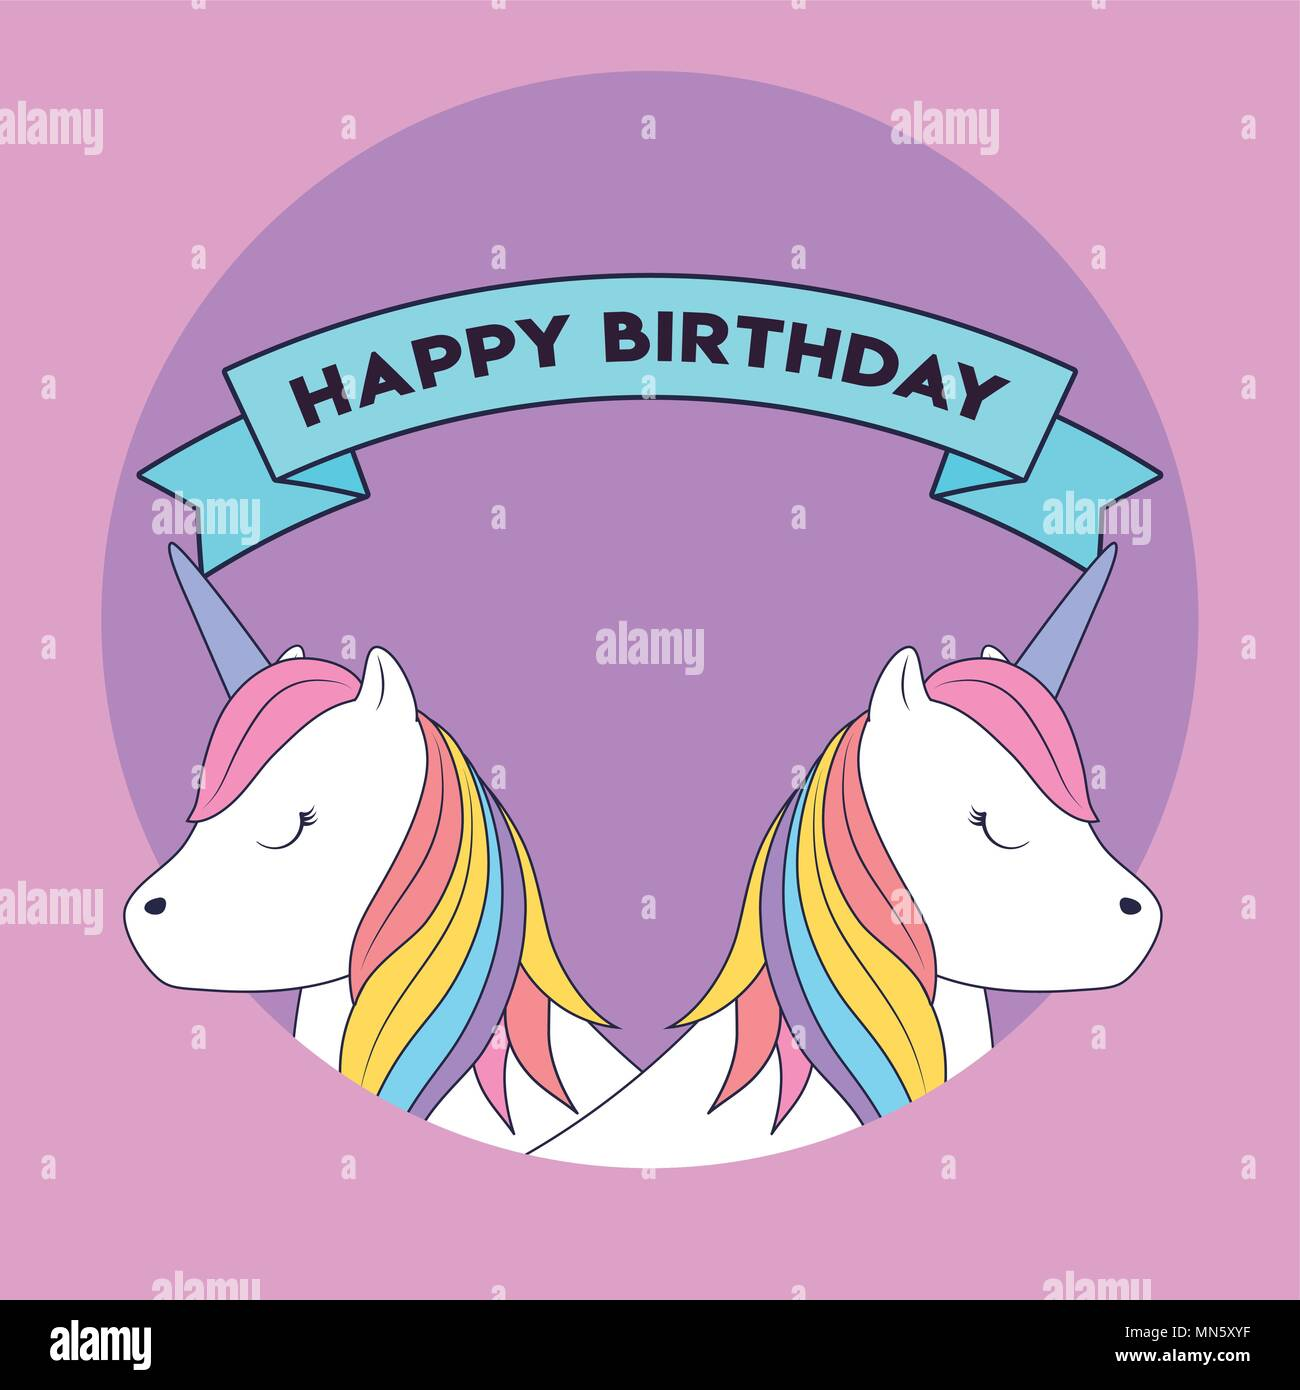 Joyeux anniversaire avec un joli ruban décoratif et l'icône de licorne sur fond violet, design coloré. vector illustration Photo Stock